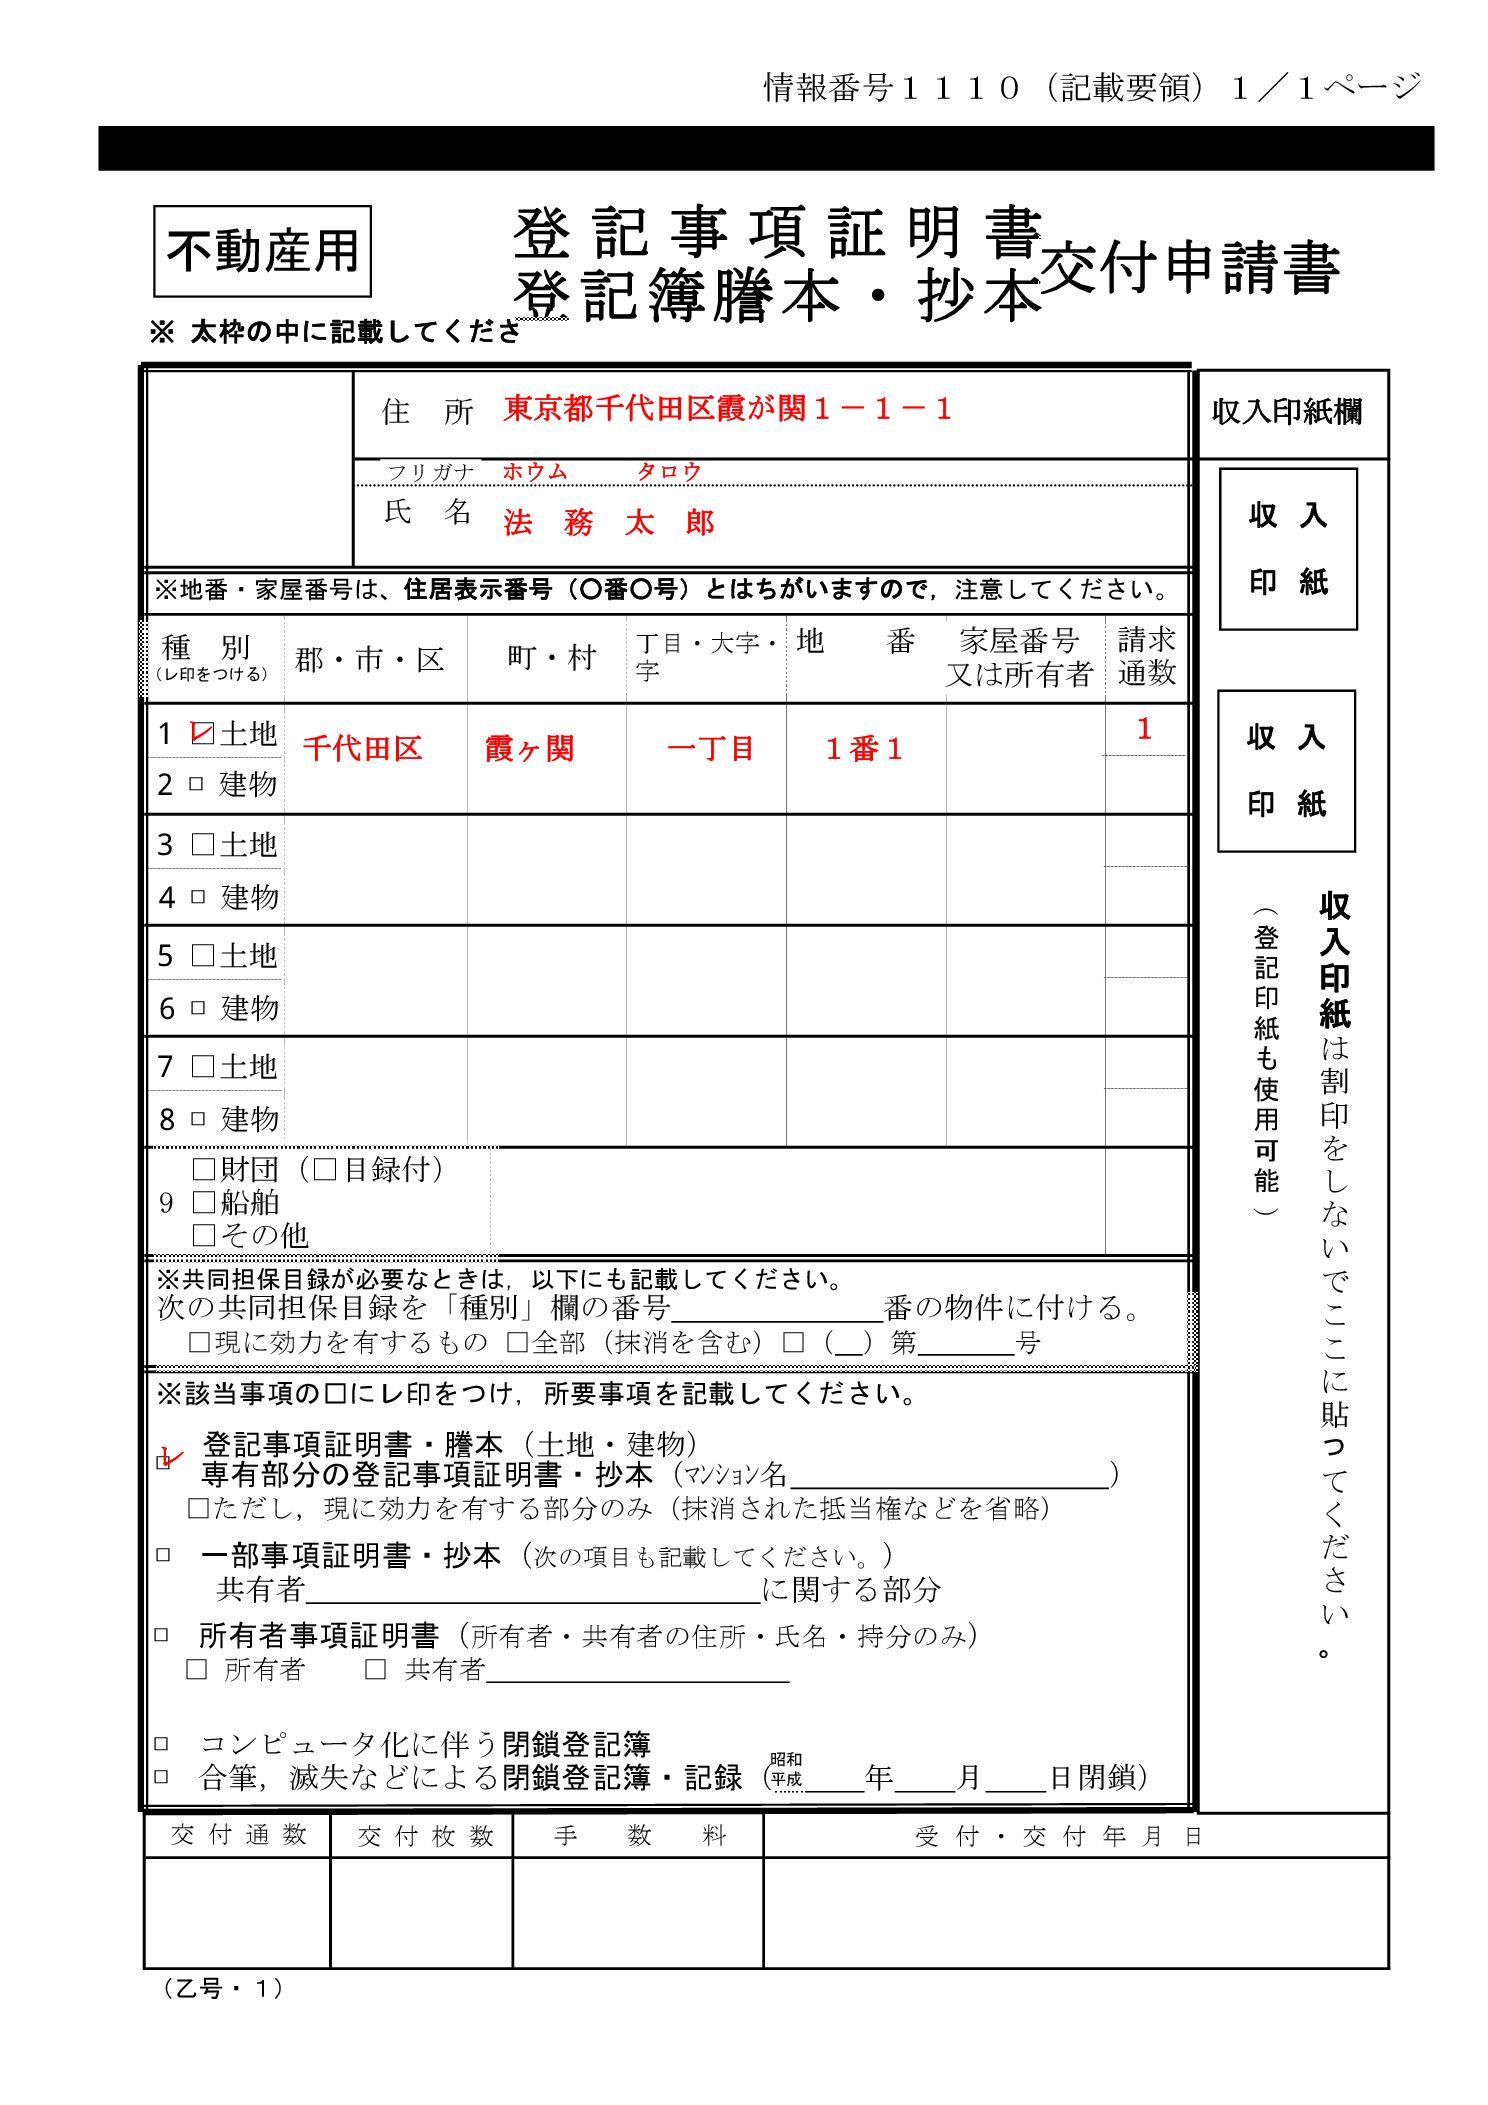 登記事項証明書交付申請書